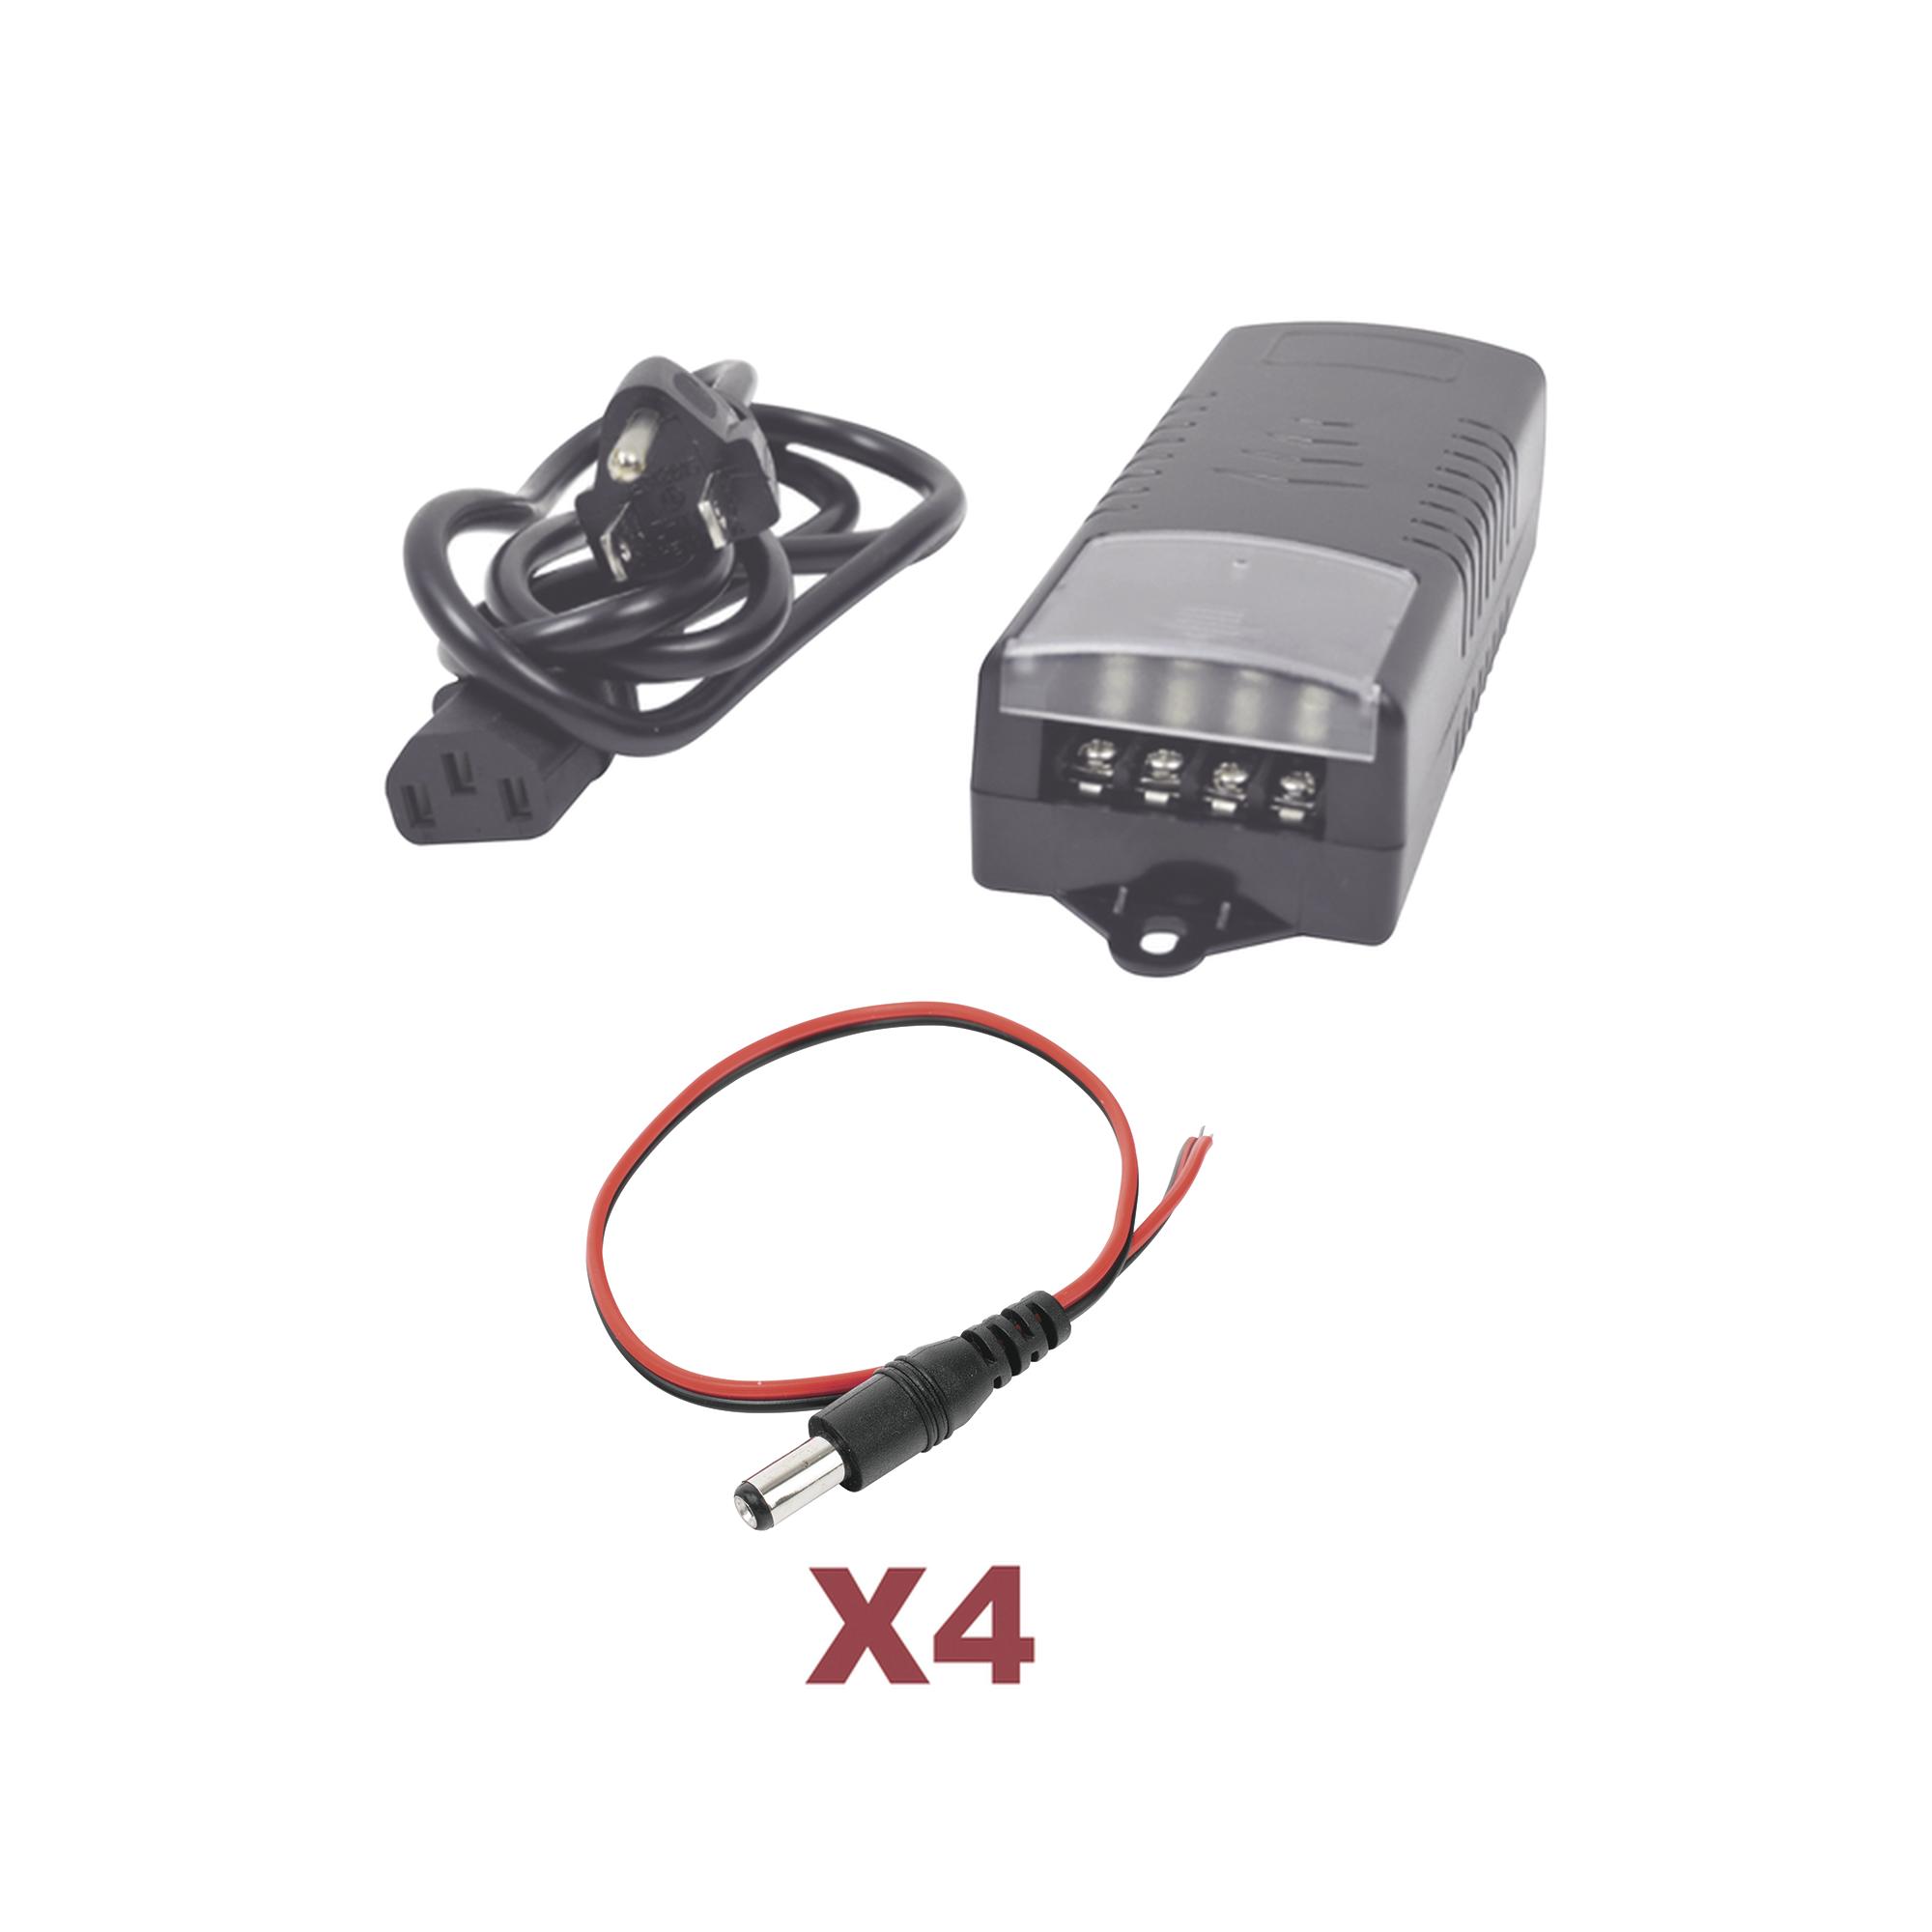 Kit con fuente EPCOM con salida de 12 Vcd a 5 Amper con 4 salidas / Incluye conectores